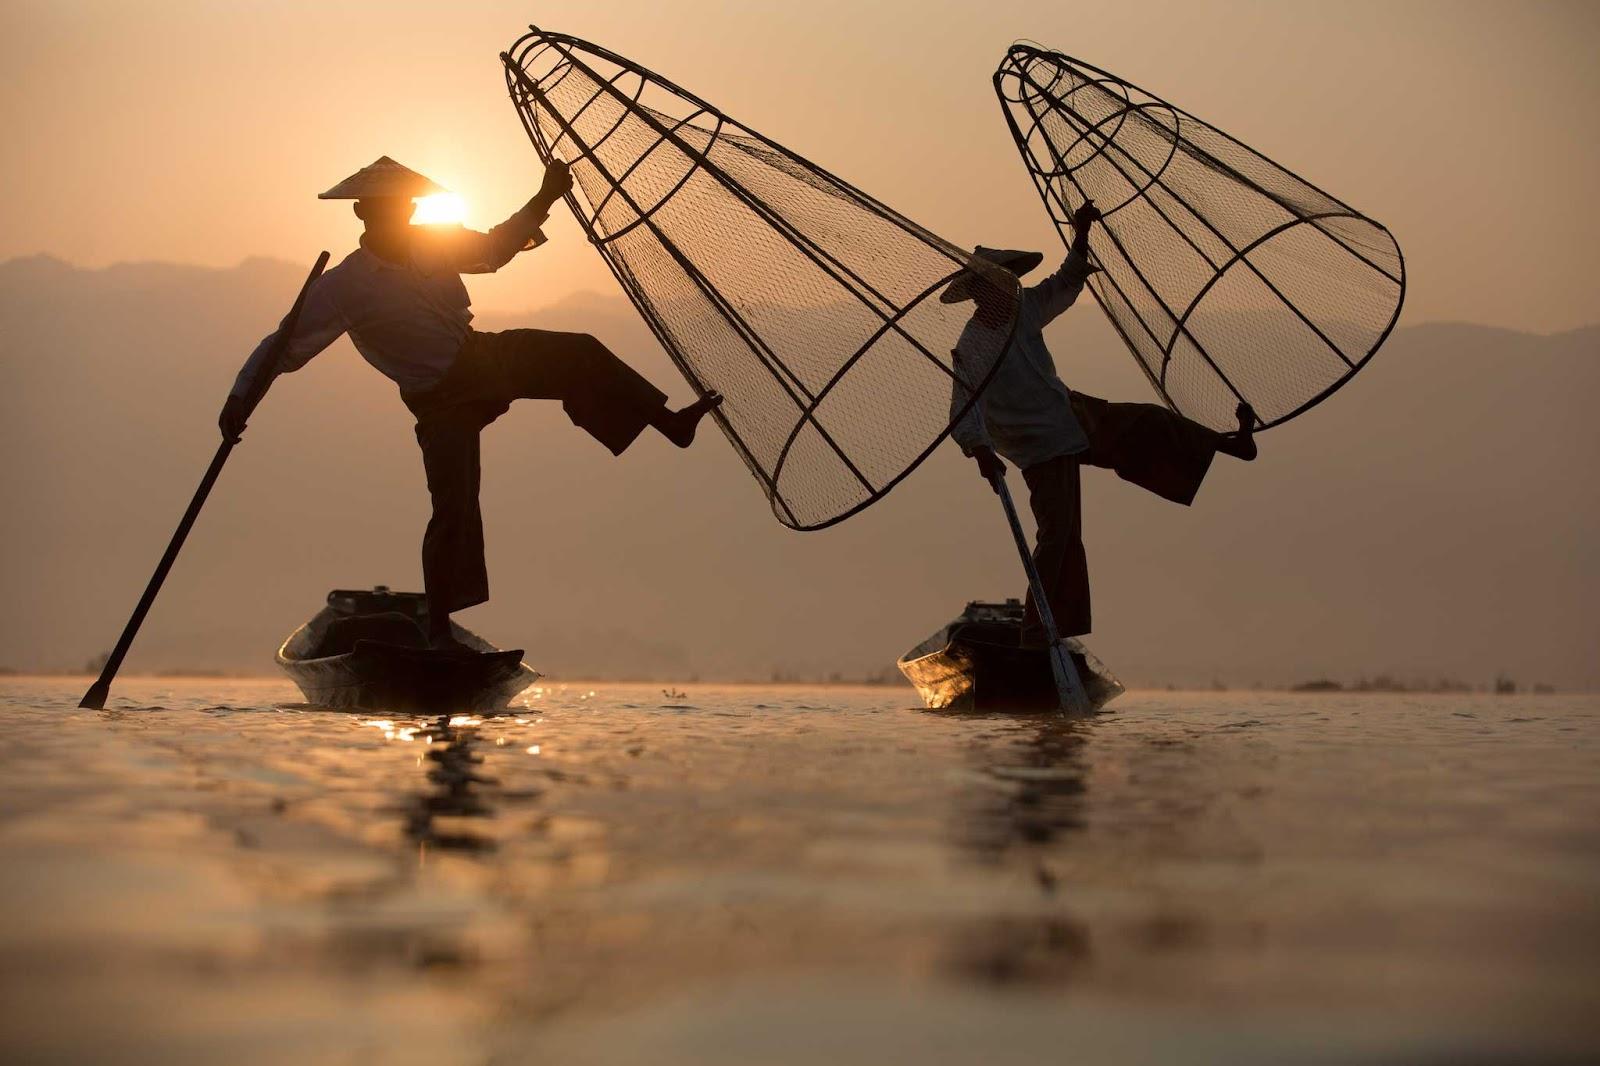 ngư dân ở đây bắt cá